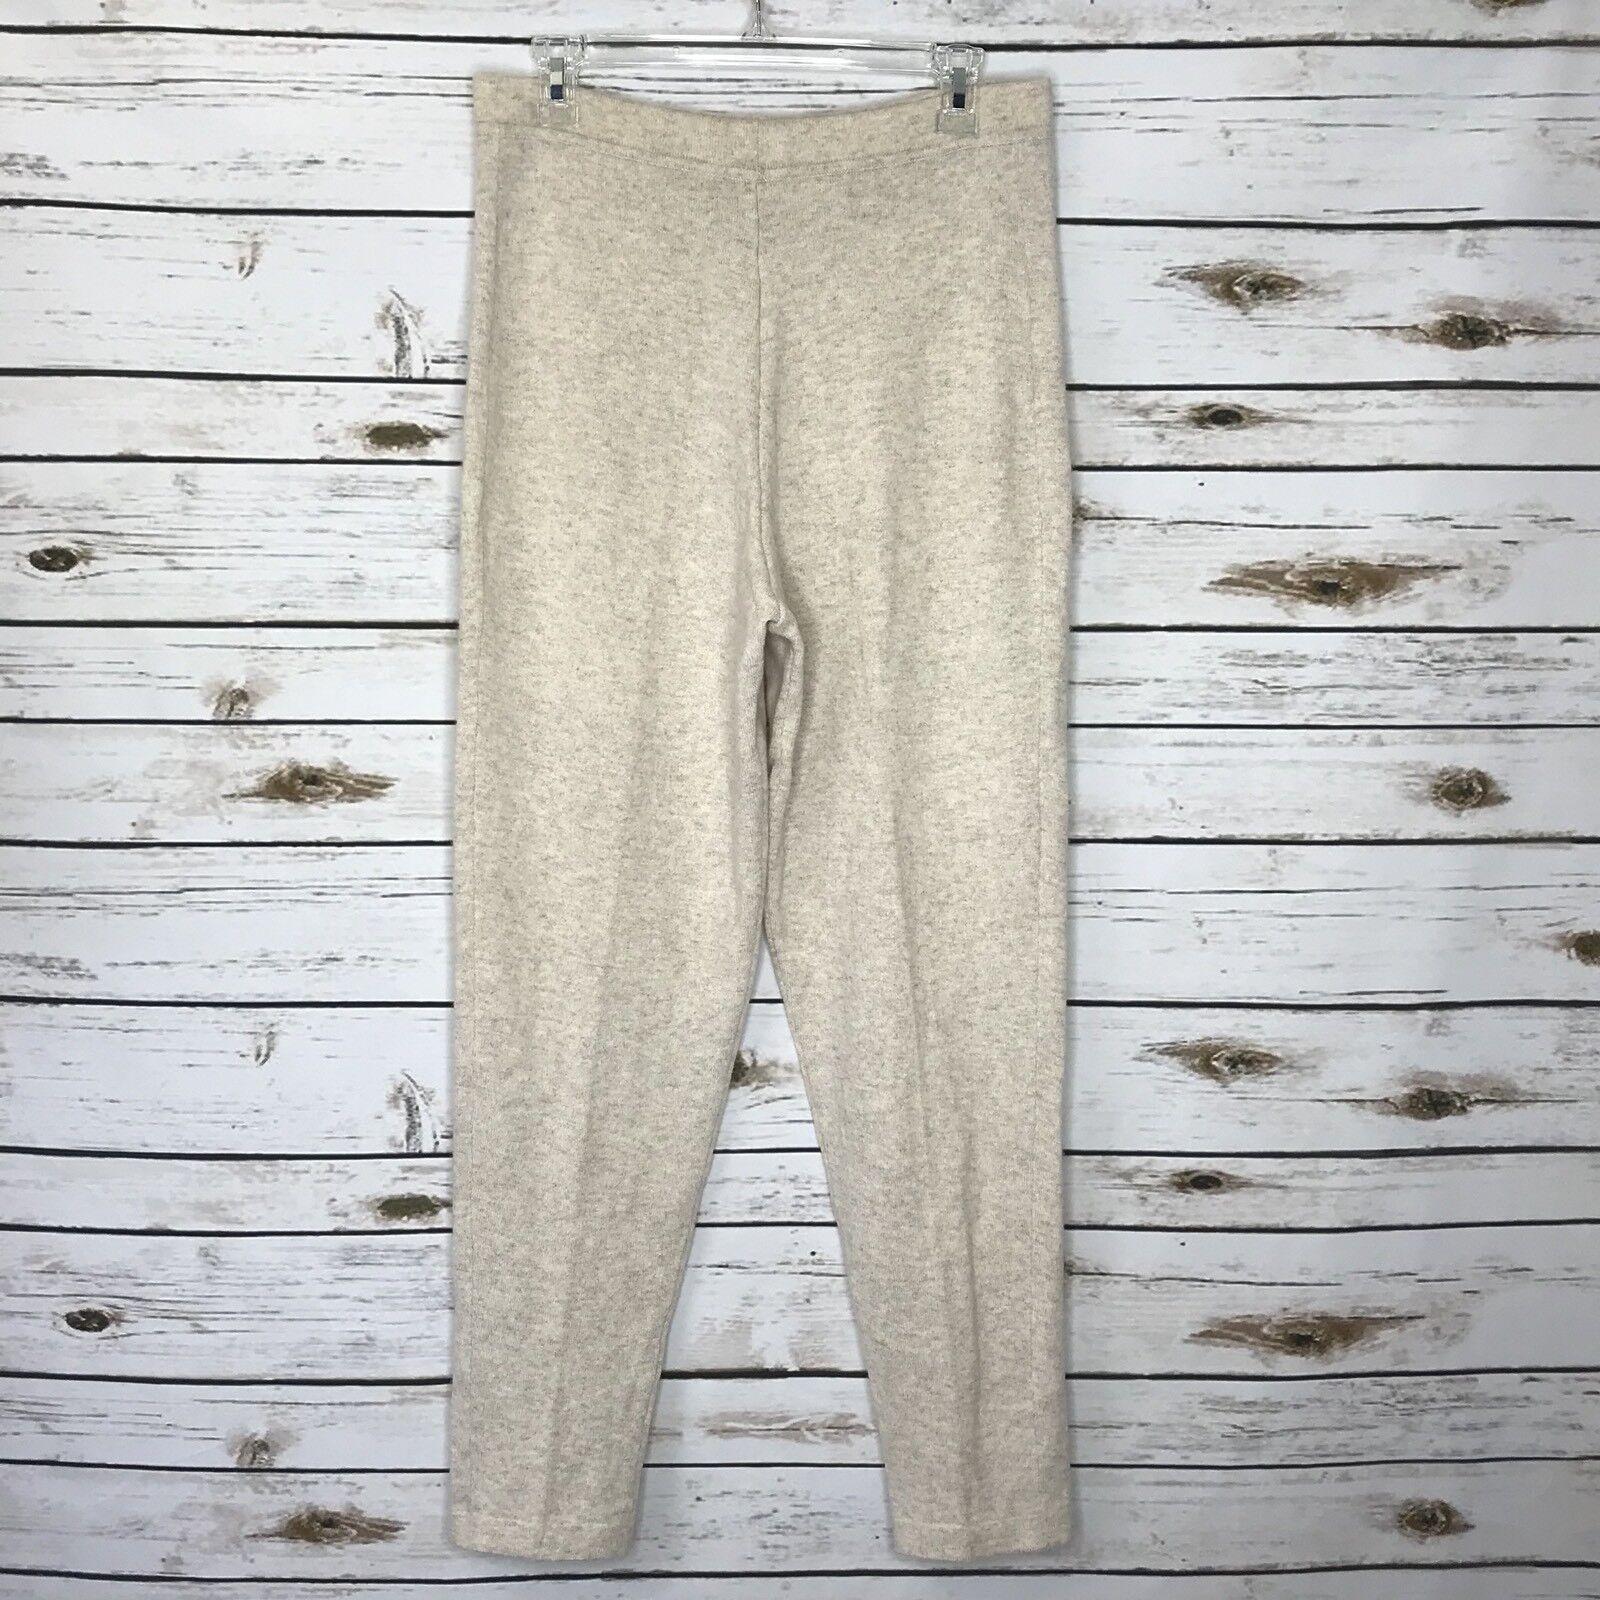 Erdus Oatmeal 100% Cashmere Womens Lounge Pants Size L